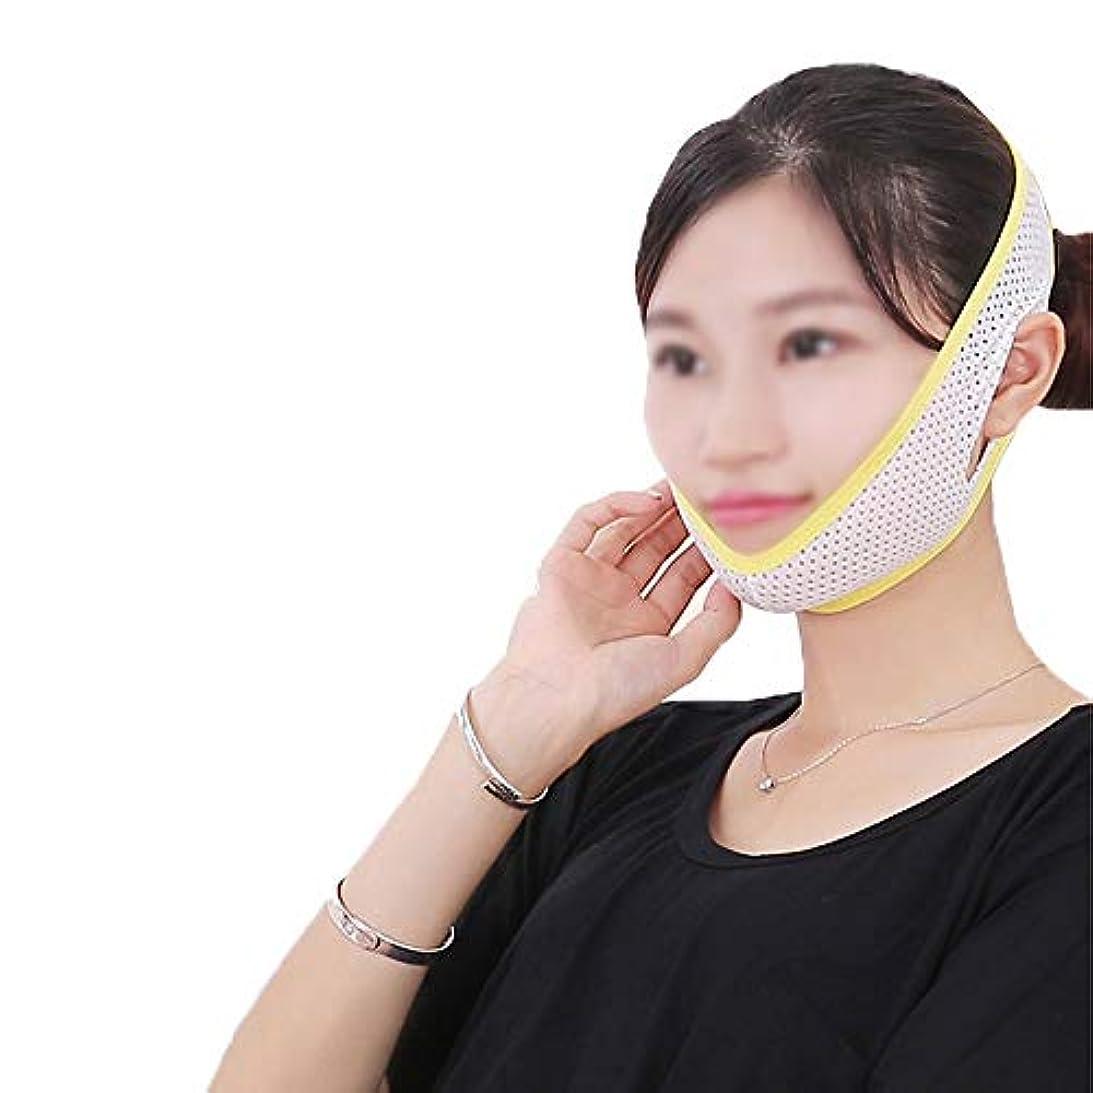 こどもの宮殿歪める帝国GLJJQMY 顔と首リフト薄いフェイスマスク強力な薄いフェイスツール締め付け薄いフェイスマスクアーティファクト薄いフェイス包帯薄い顔デバイス 顔用整形マスク (Size : M)